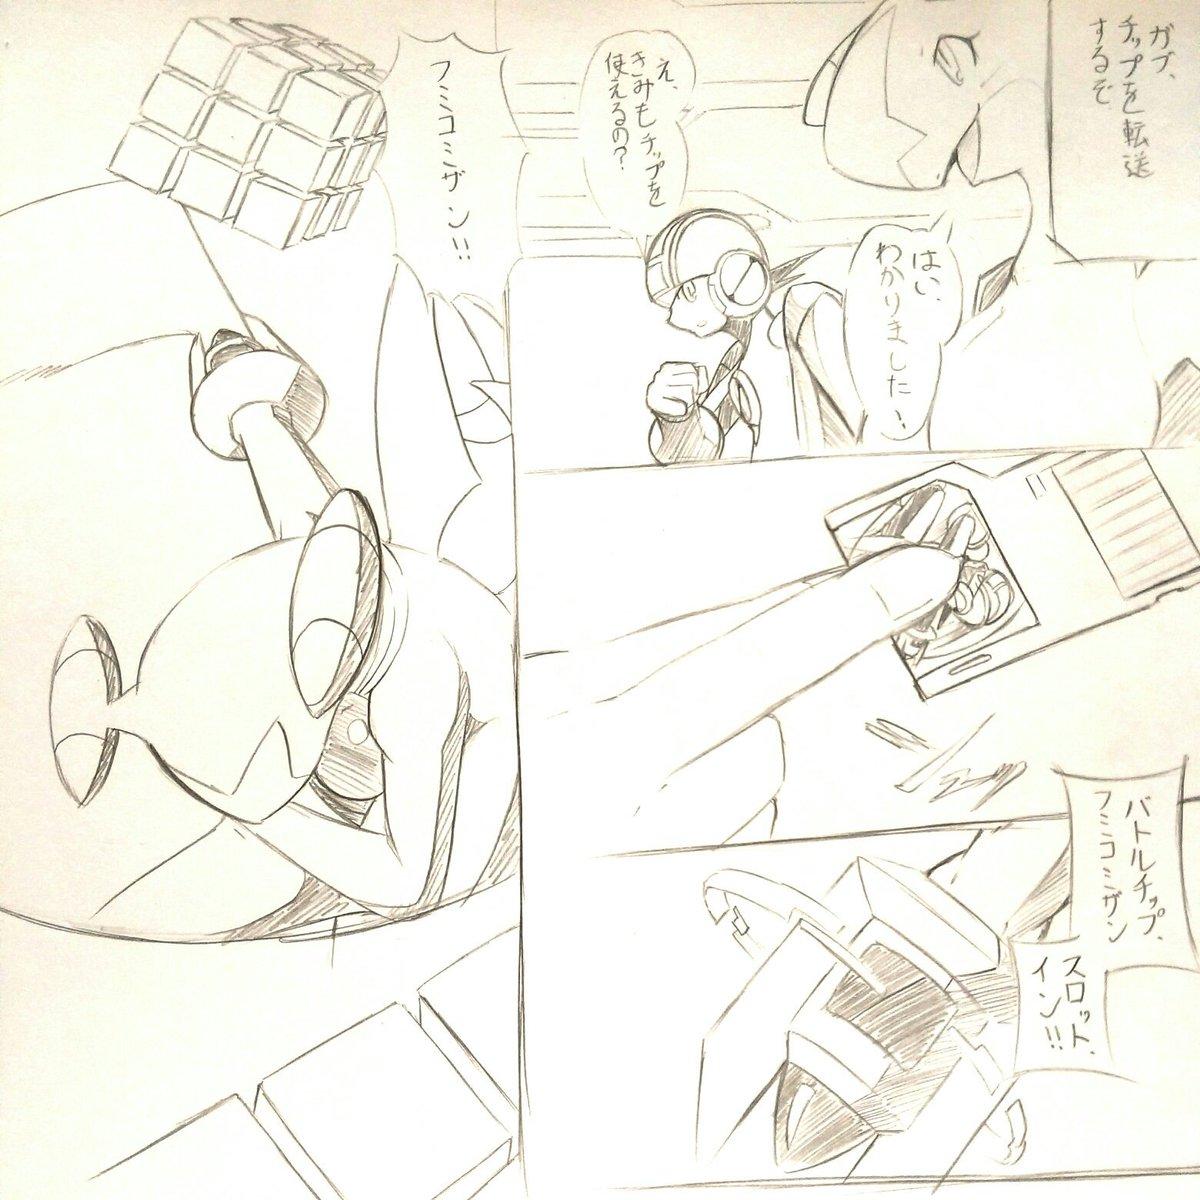 休憩や待ち時間の間妄想していたのを漫画…絵コンテ、どっちかあれですが紙に描いていました。ボックスなど電脳空間にいるならポ